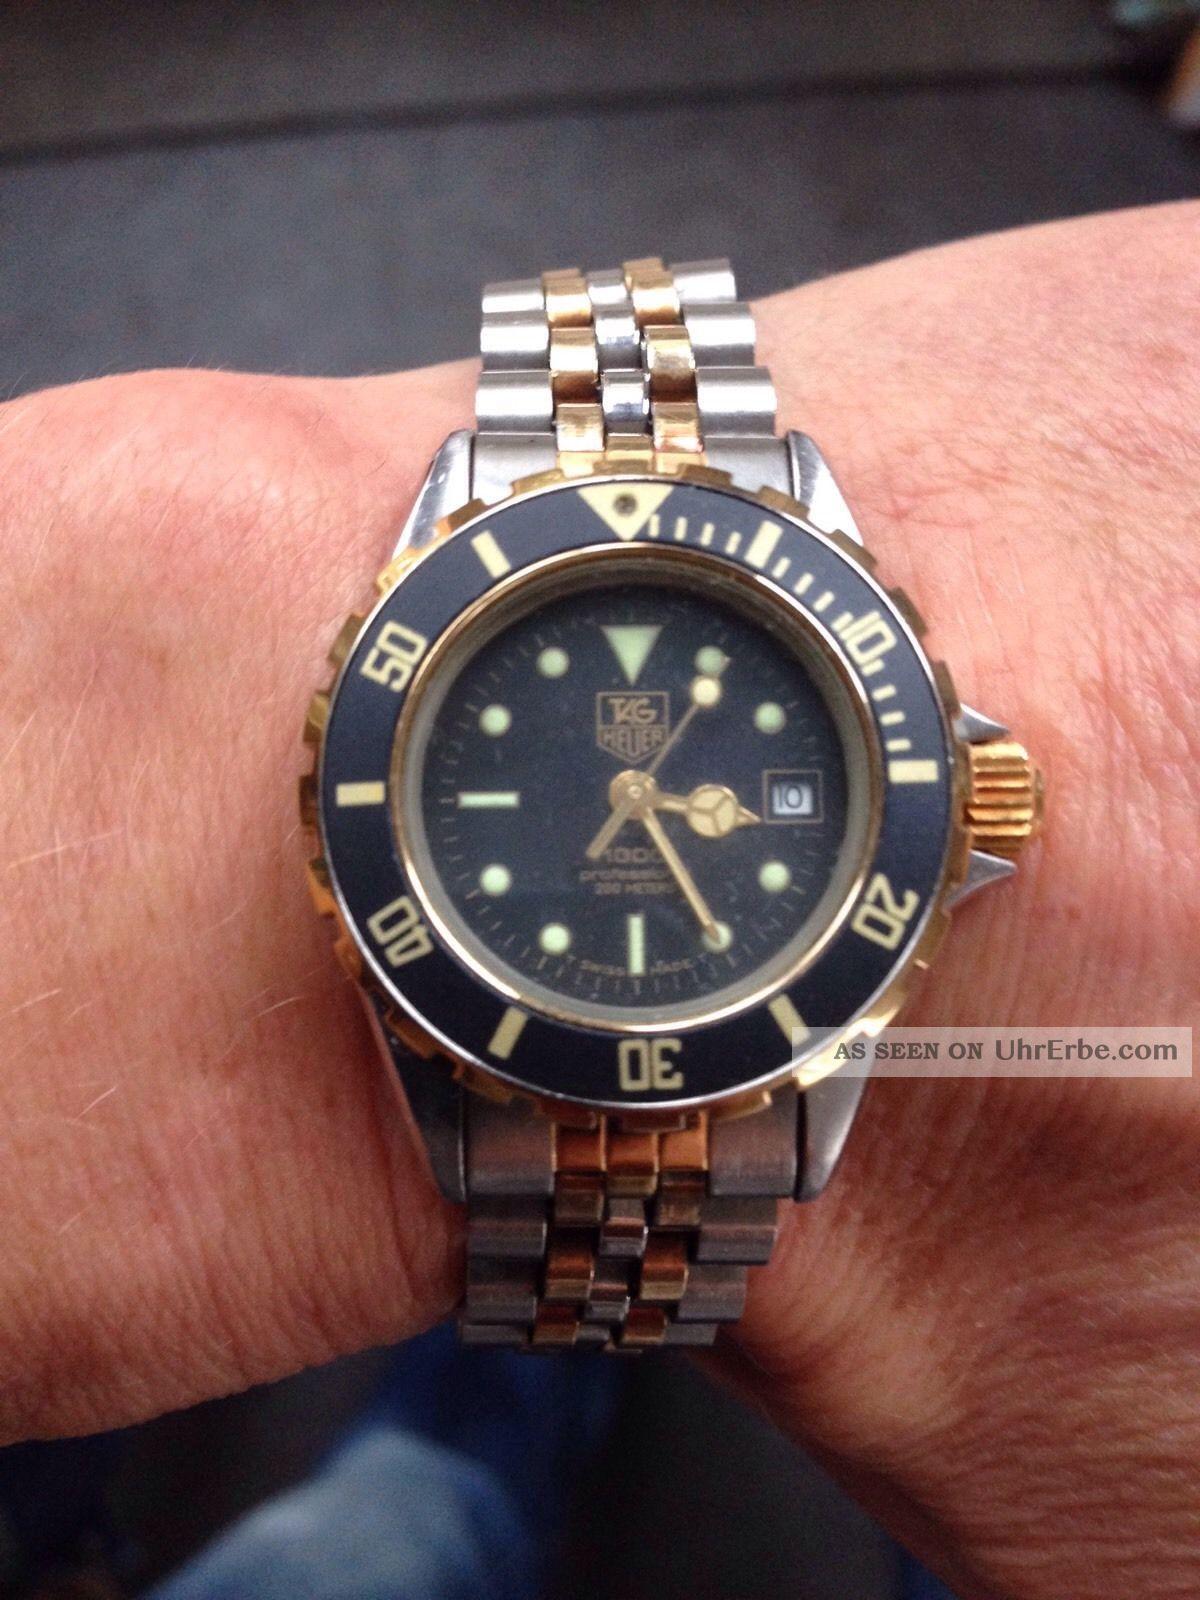 Tag Heuer Professional Diver Taucher 20atm Damen Quartz,  Datum Bicolor Armbanduhren Bild